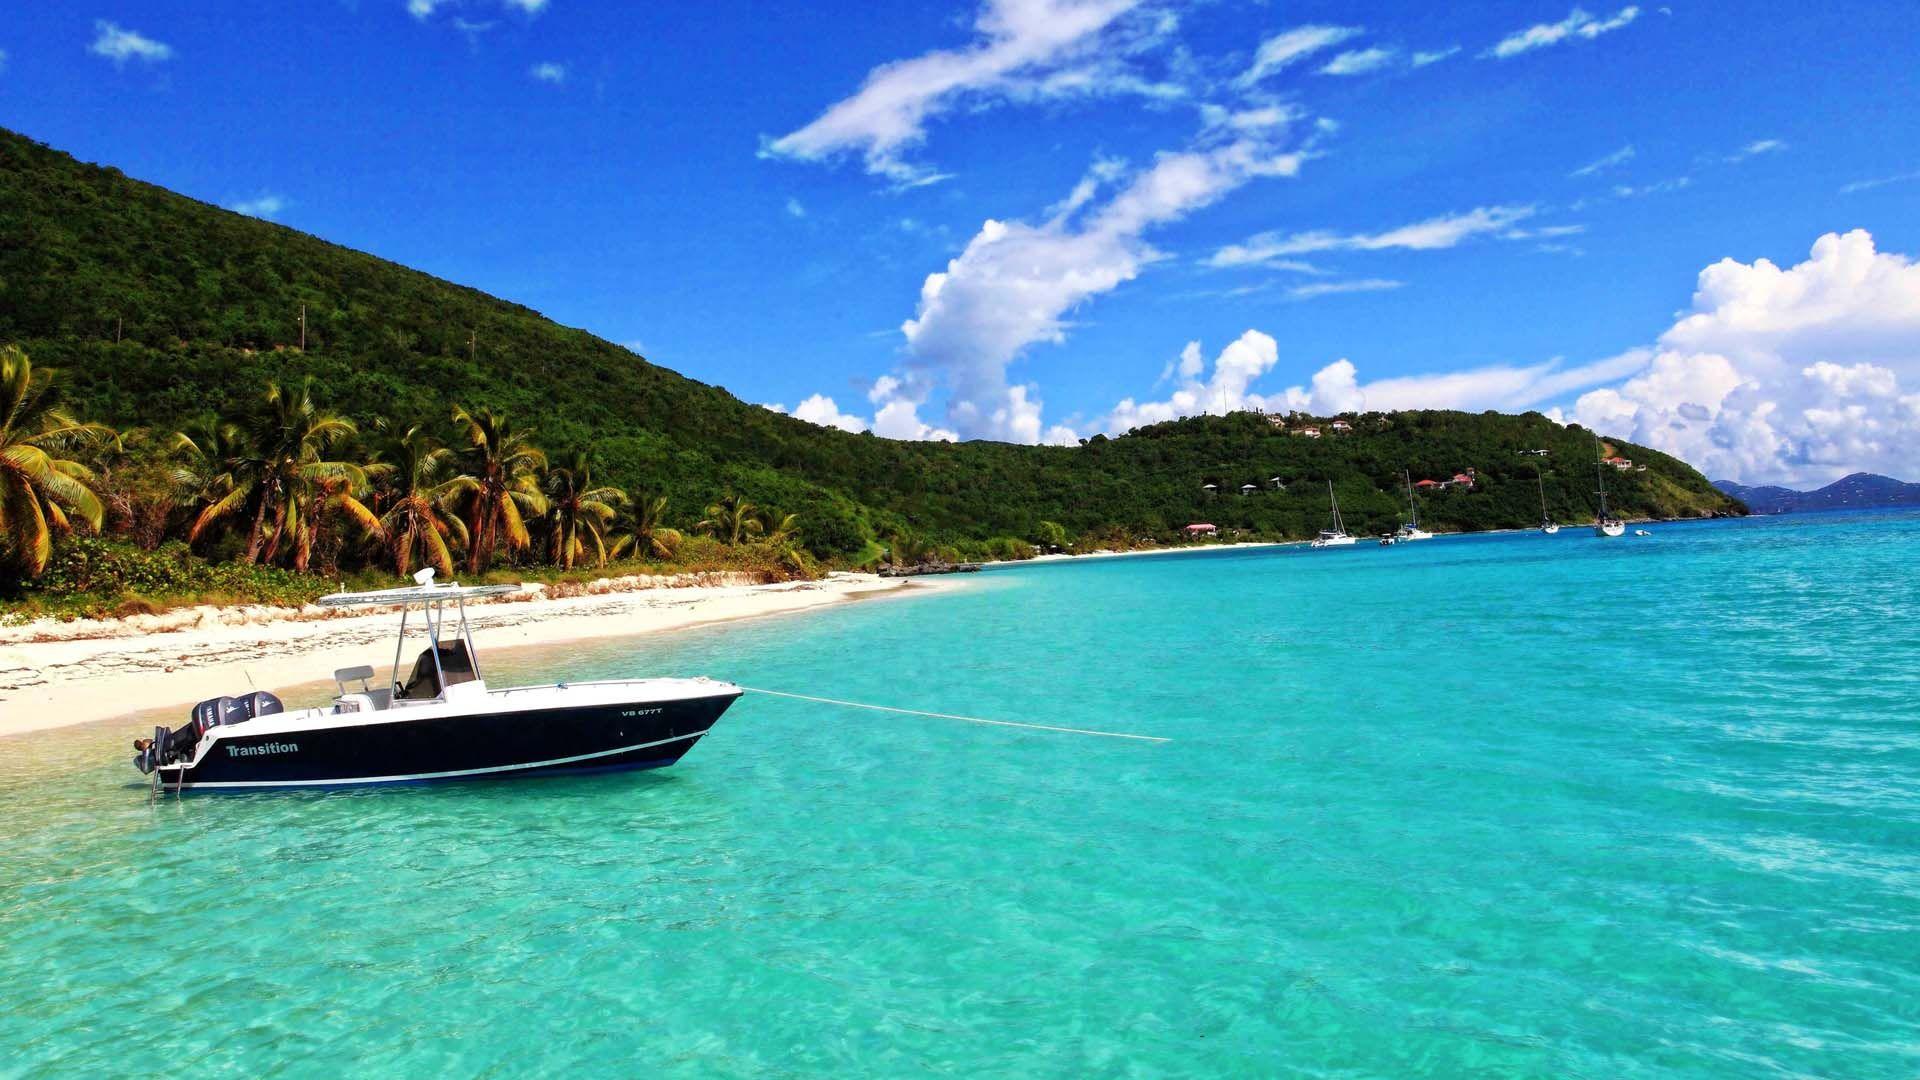 Caribbean wallpaper photo full hd